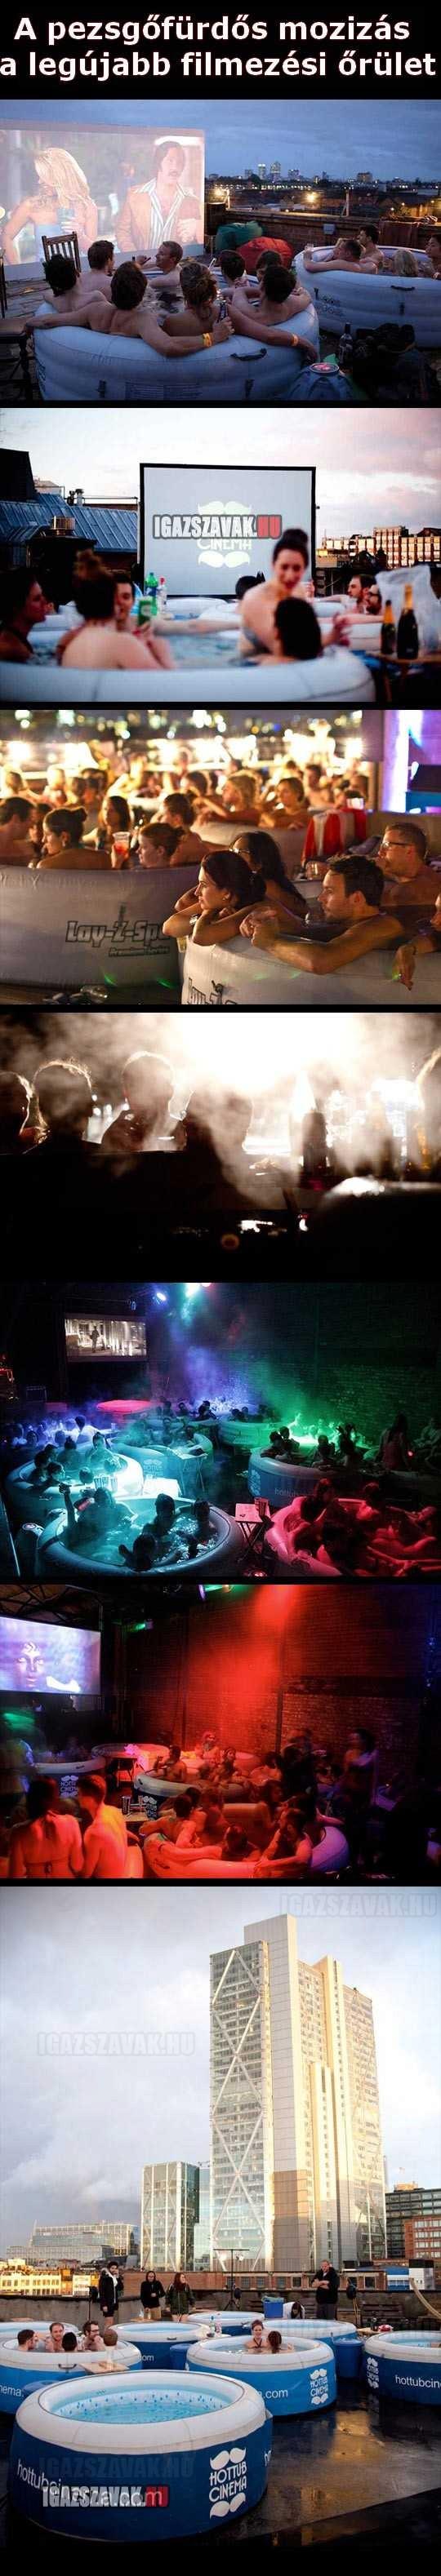 Pezsgőfürdős mozi a legújabb örület